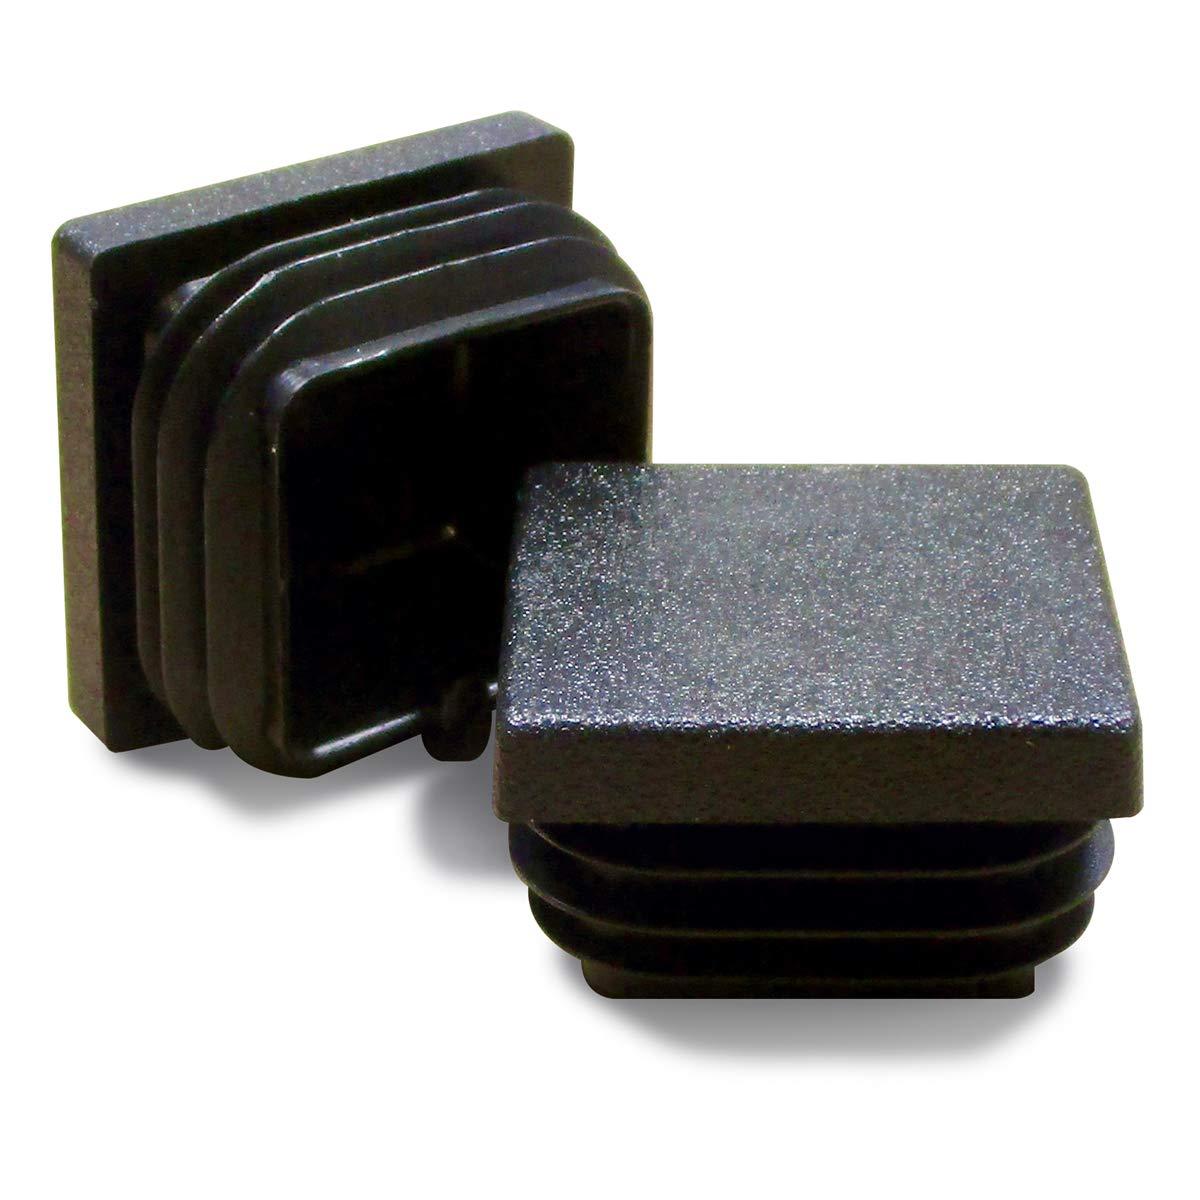 ajile - 4 piezas - Contera acanalada para tubo cuadrado 30 x 30 mm - NEGRO - EPC130